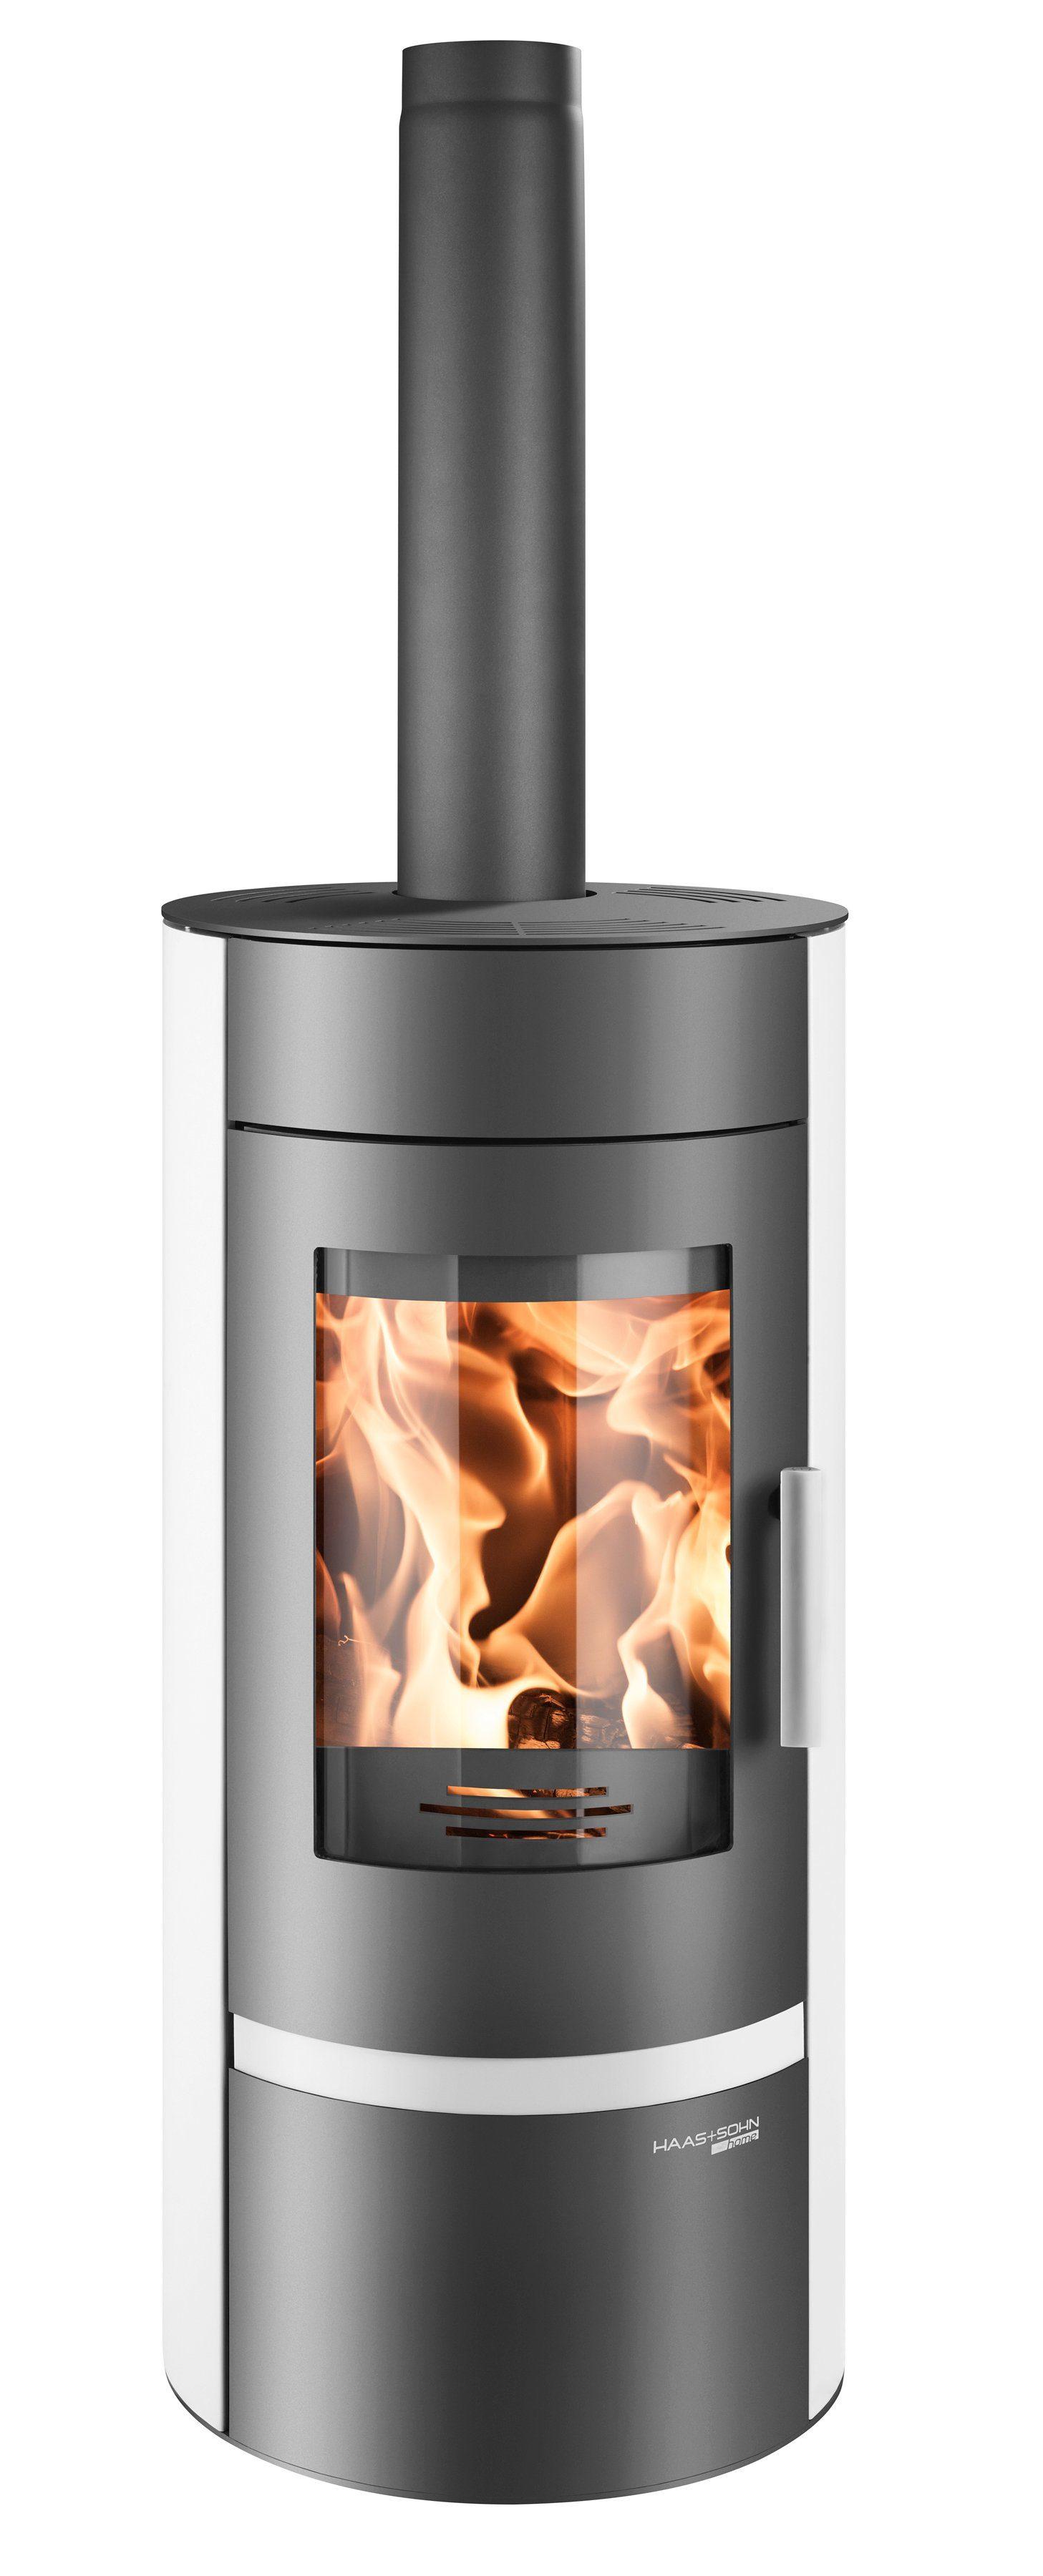 Kaminofen »Olbia«, Stahl weiß, 6 kW, Speicherstein, ext. Luftzufuhr